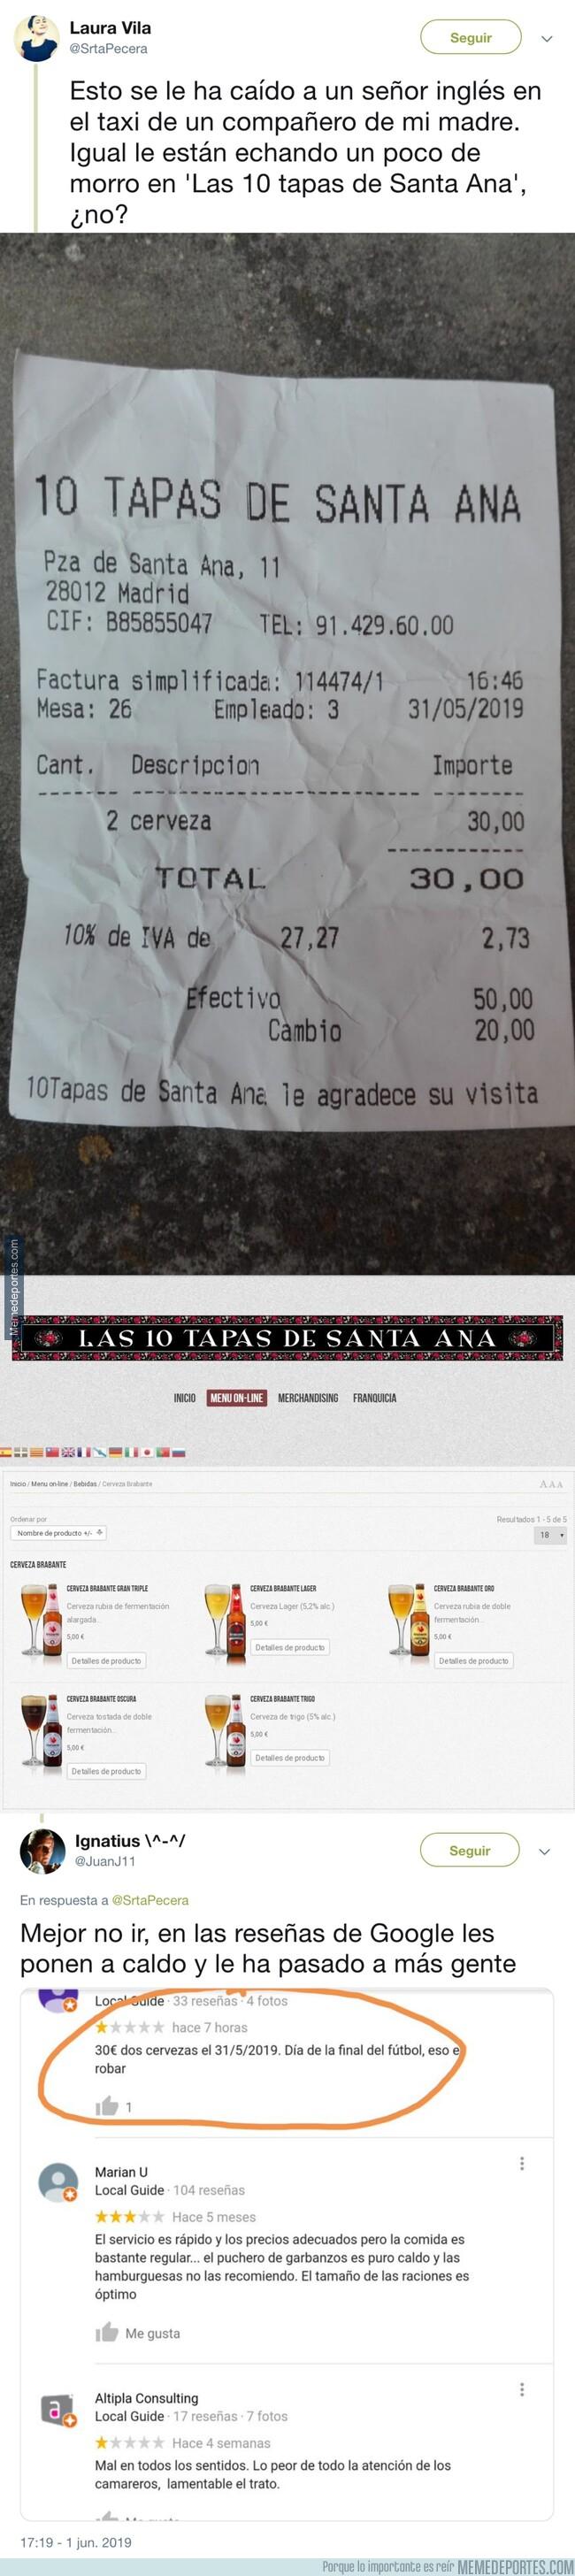 1076988 - El supuesto 'sablazo' a unos aficionados ingleses en Madrid que se ha hecho viral por 2 cervezas